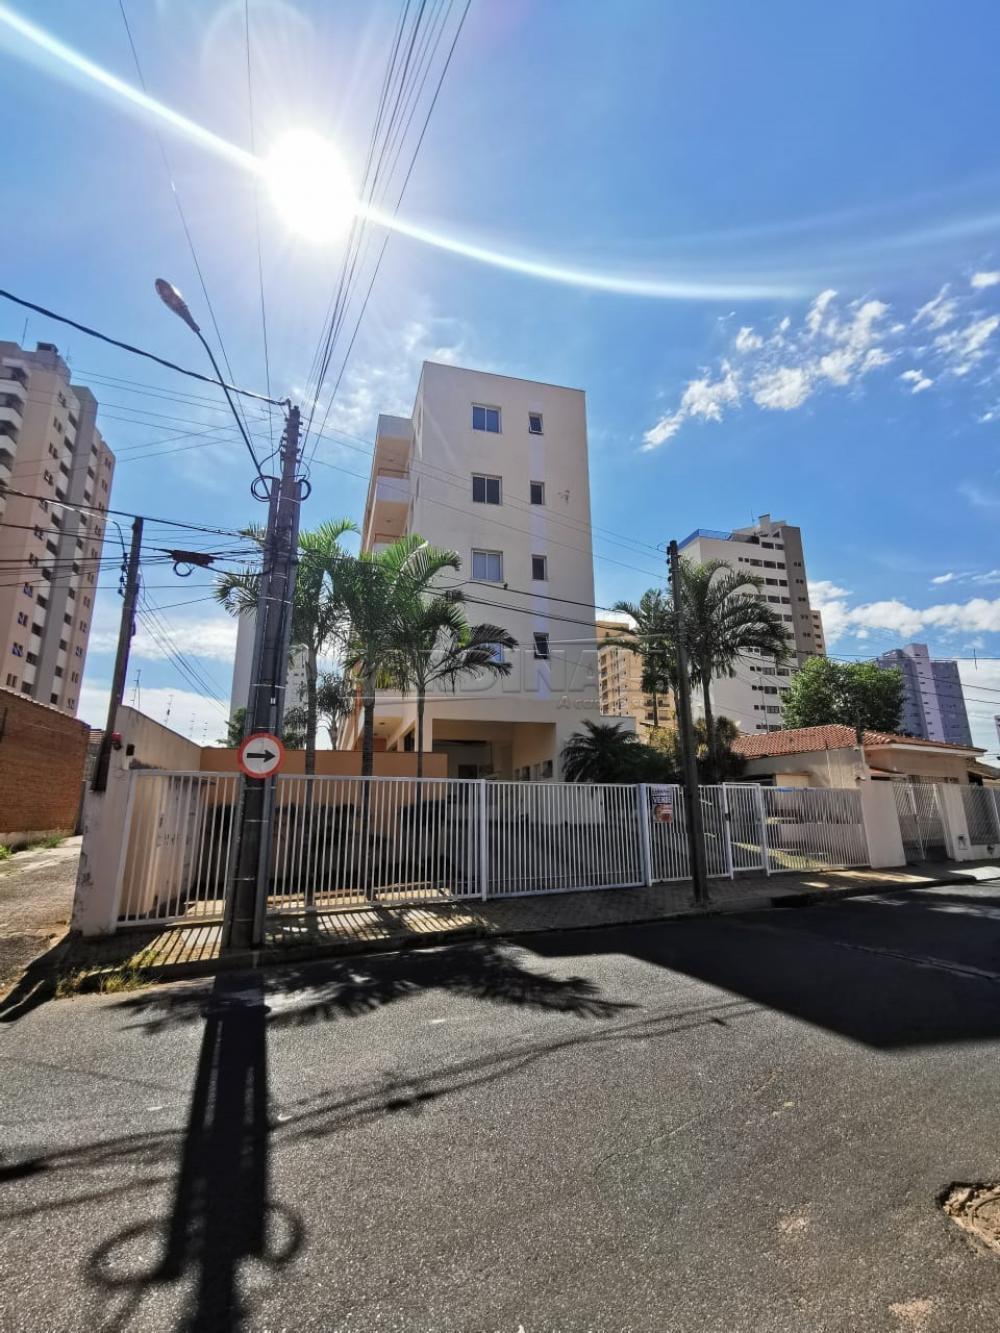 Alugar Apartamento / Padrão em Araraquara R$ 550,00 - Foto 3